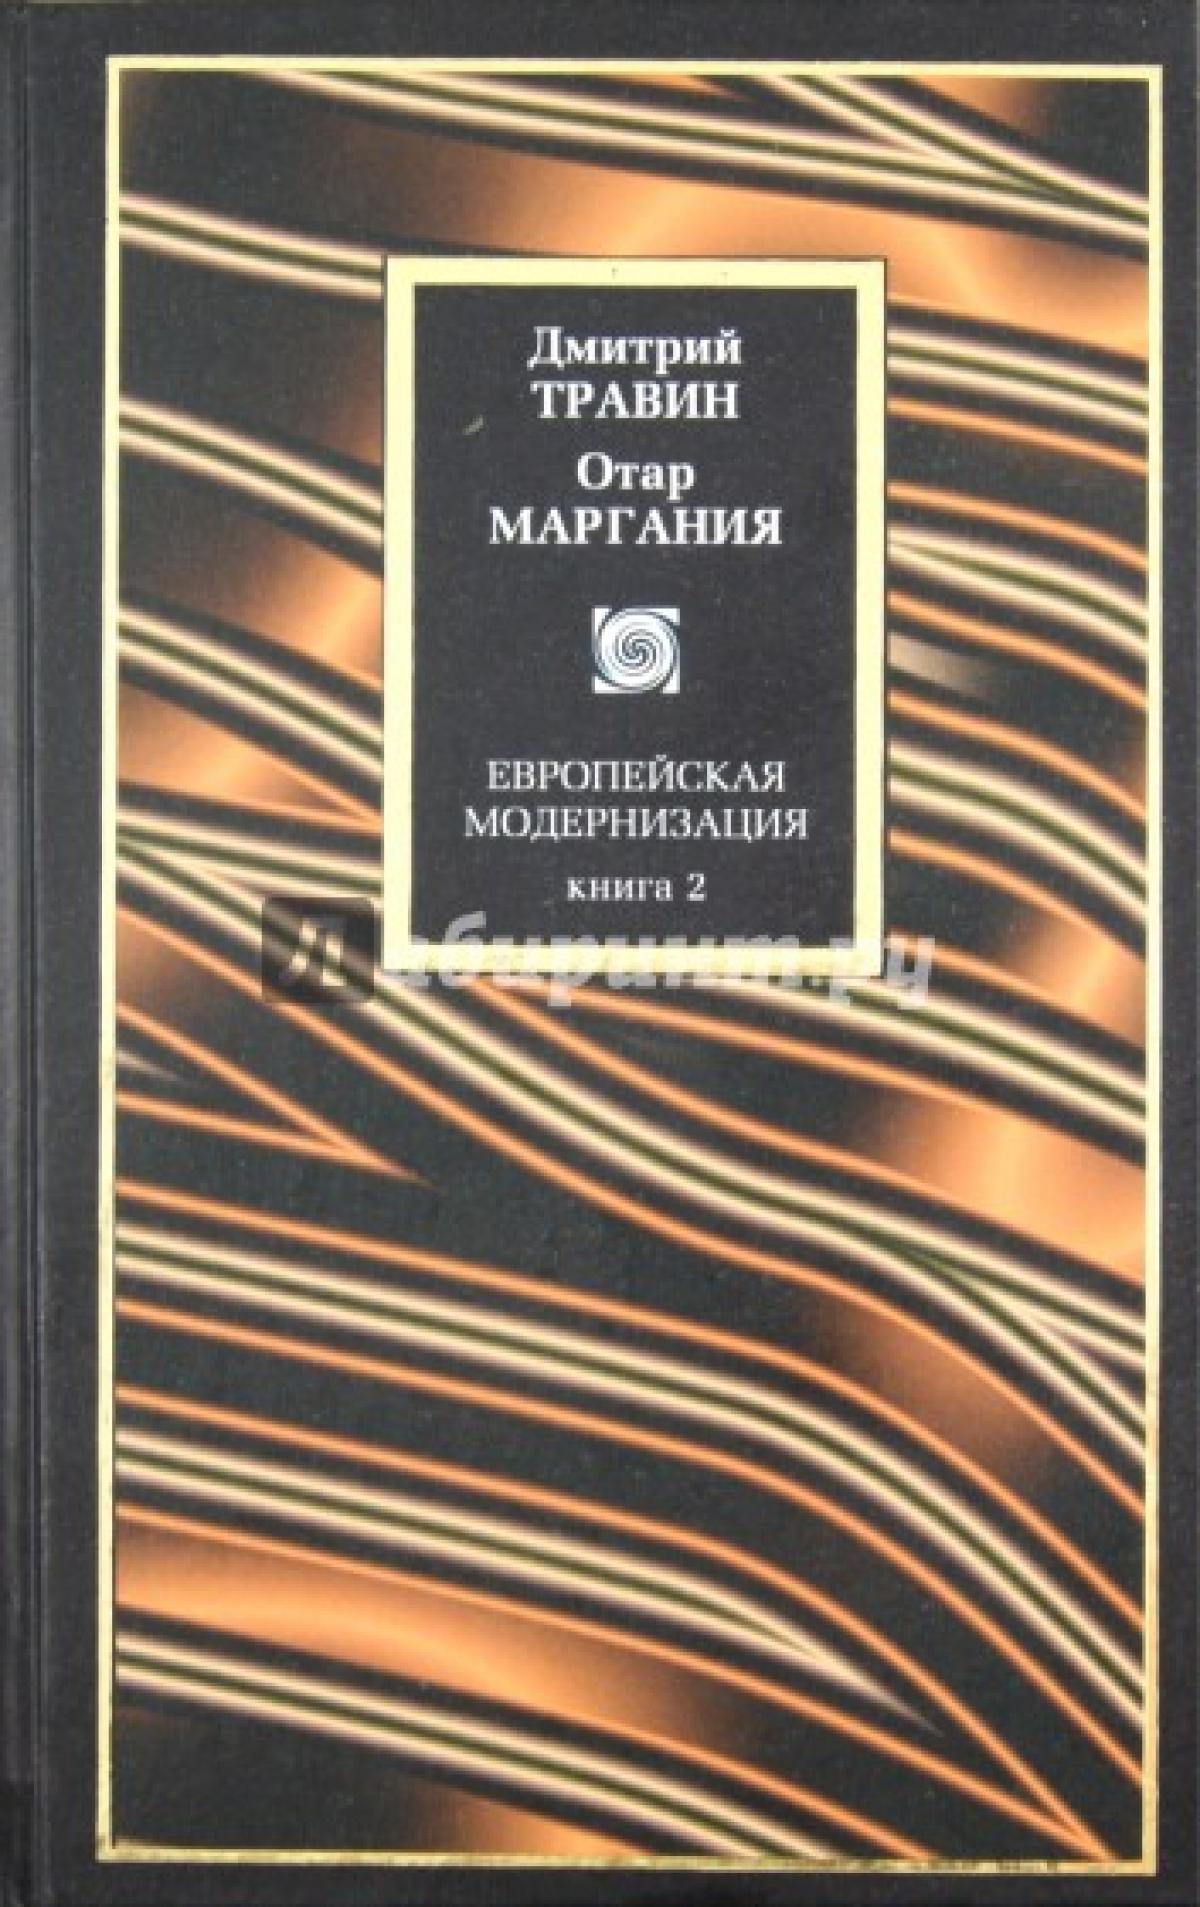 Обложка книги:  philosophy - травин д., маргания о. - европейская модернизация. книга 2